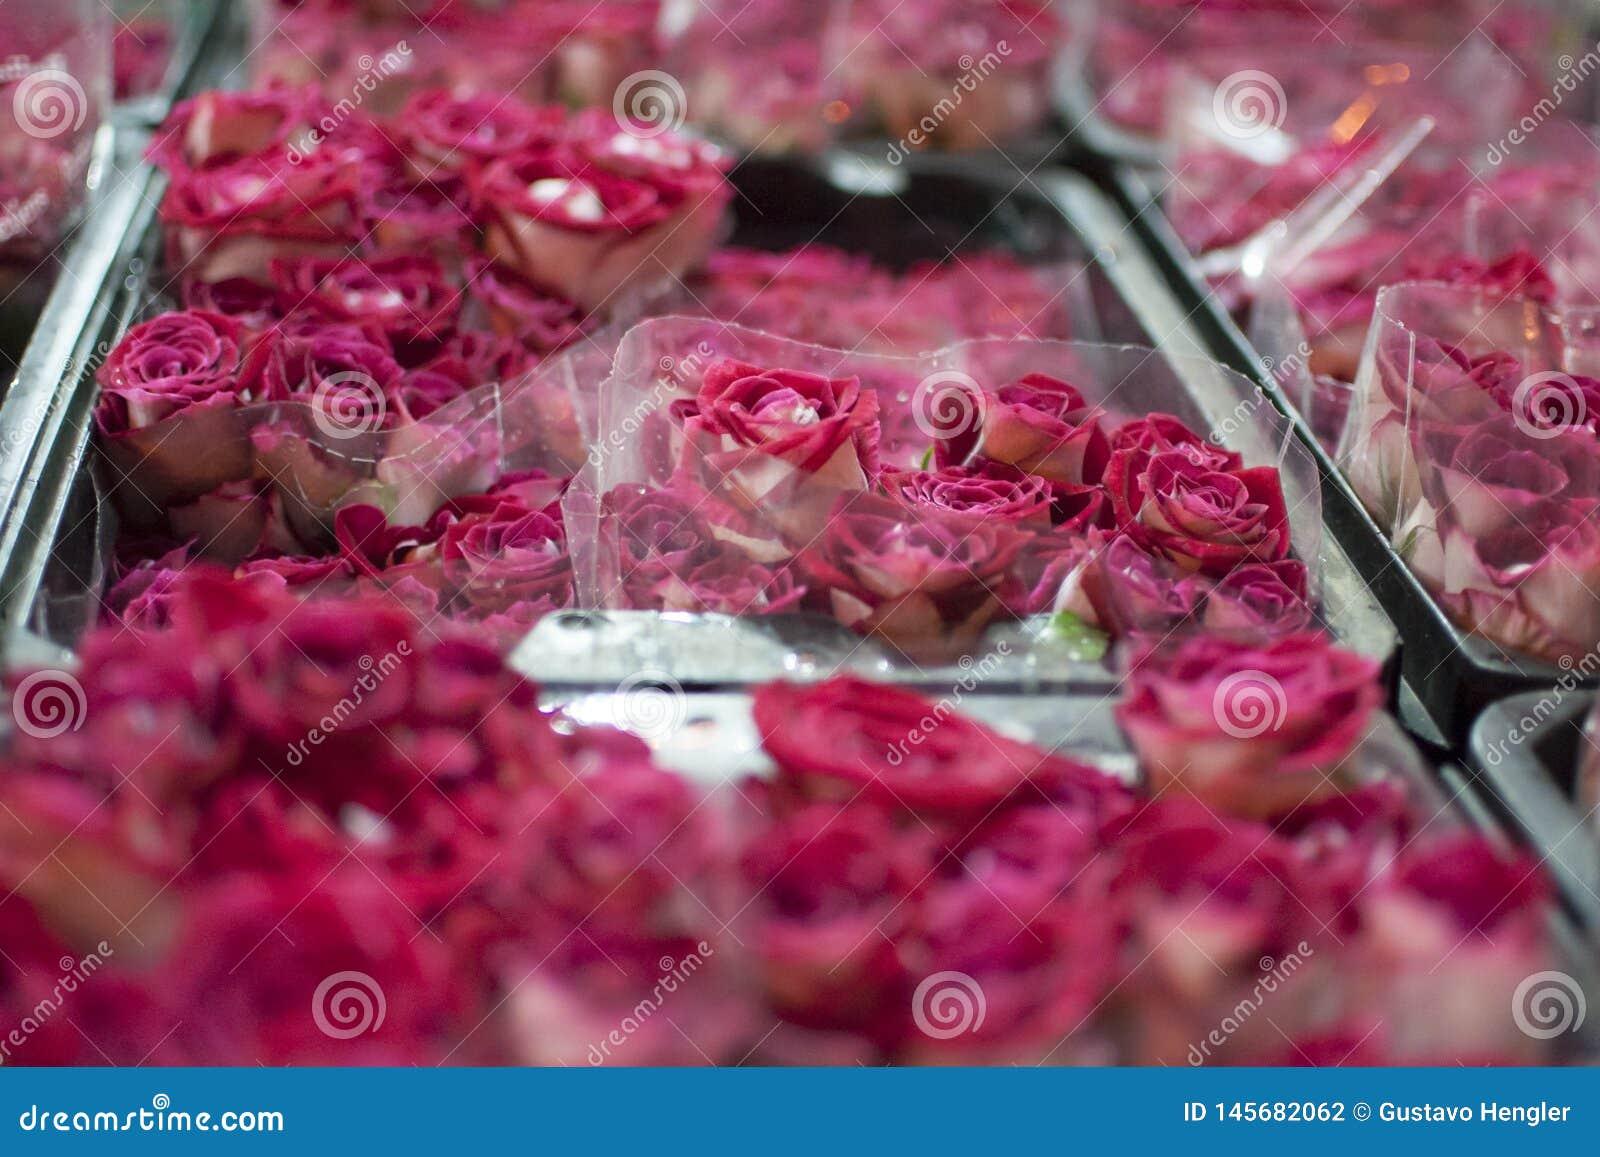 Flores rosa e roxo